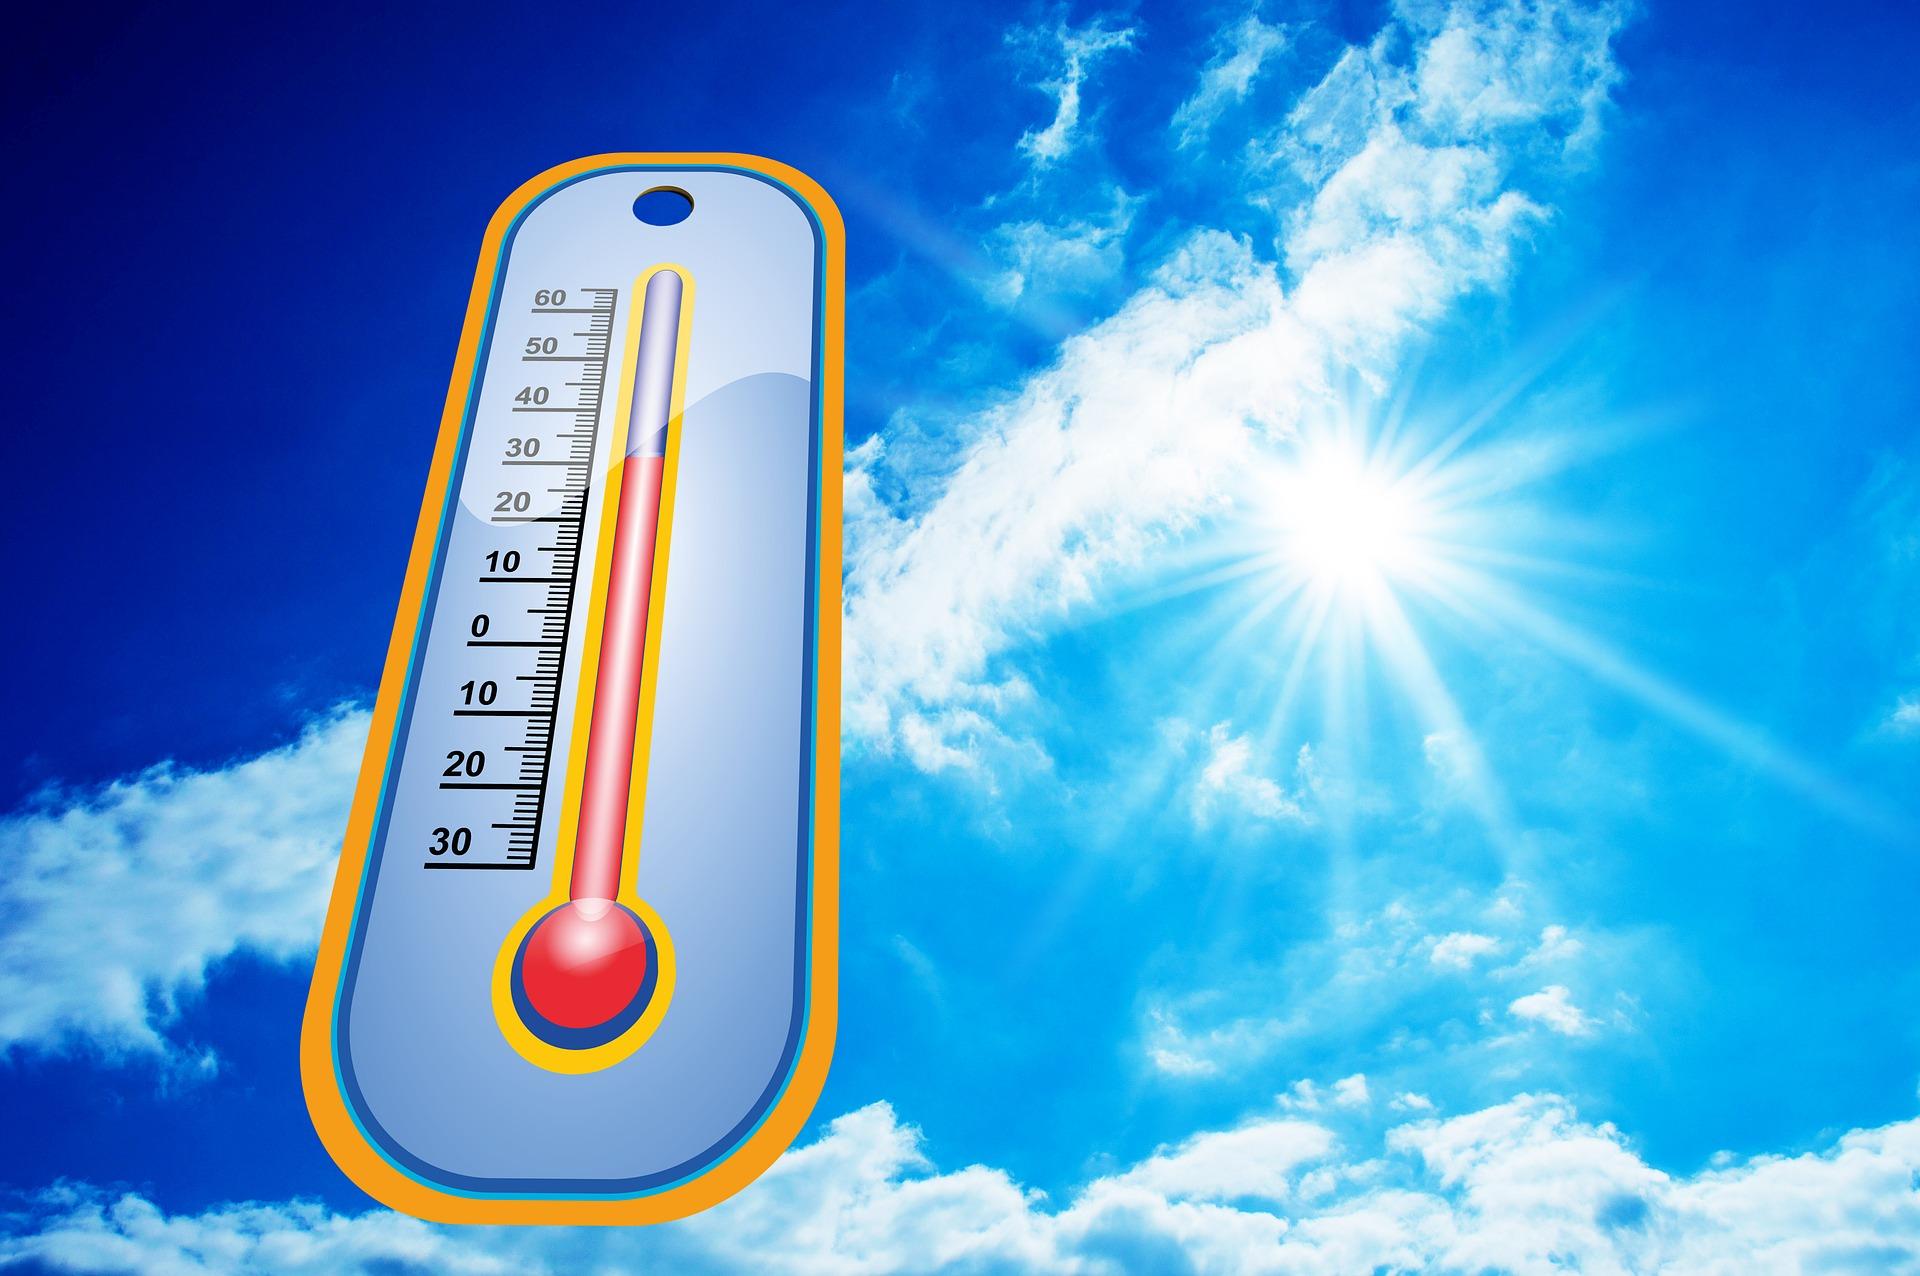 Las 7 recomendaciones que debemos tomar ante una ola de calor